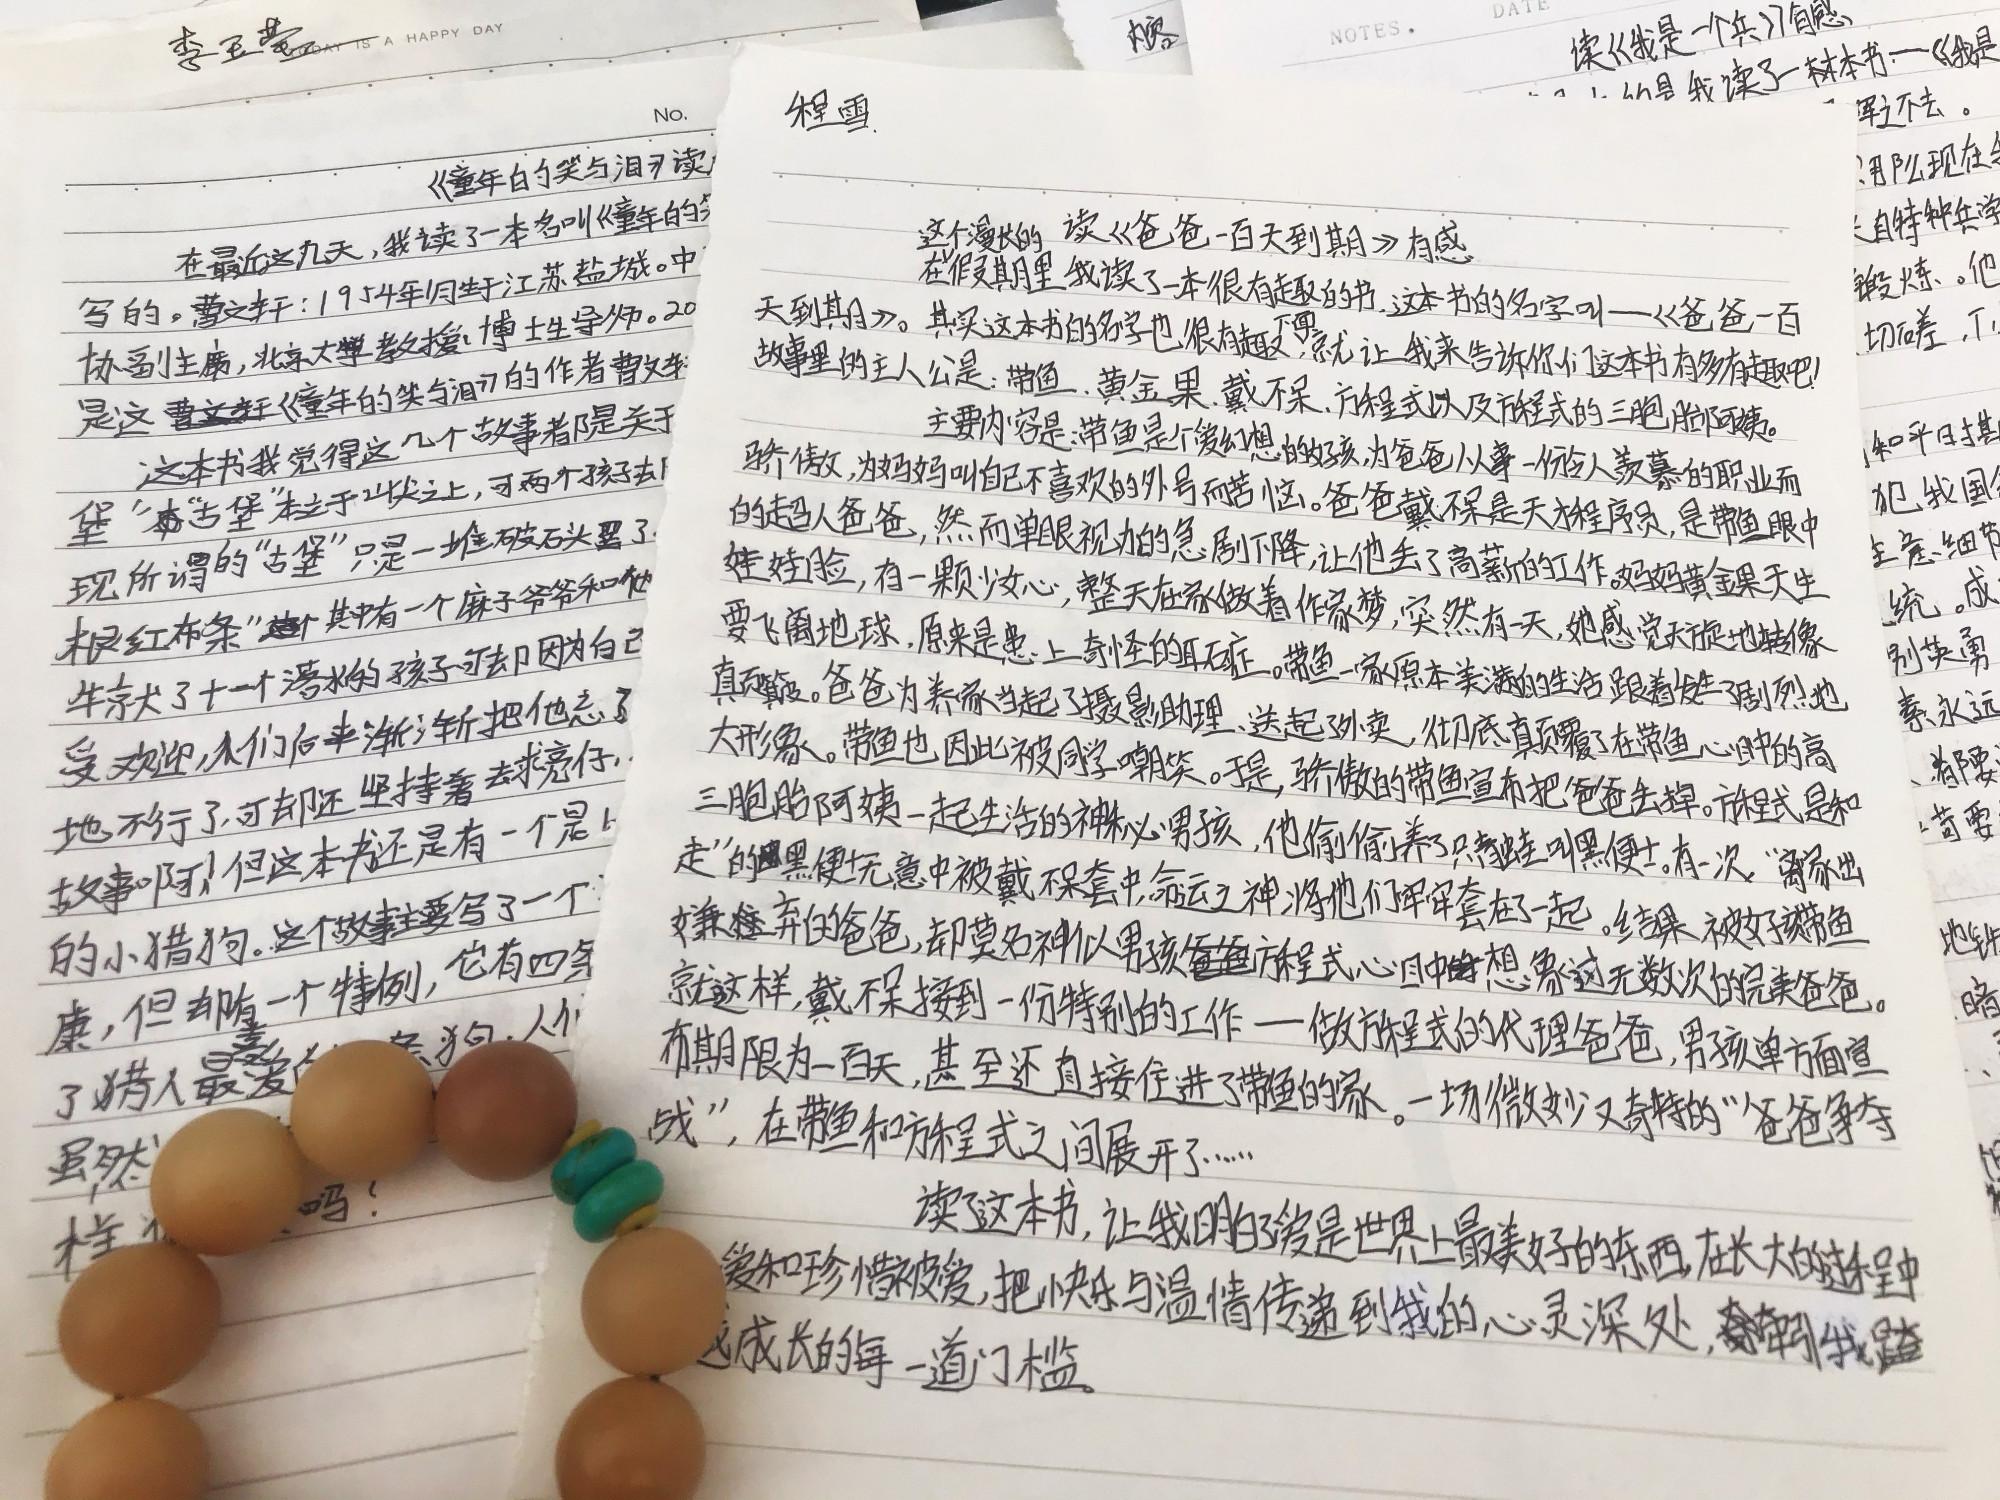 《双生花朵》读后感700字怎么写,优秀高分作文参考  第3张